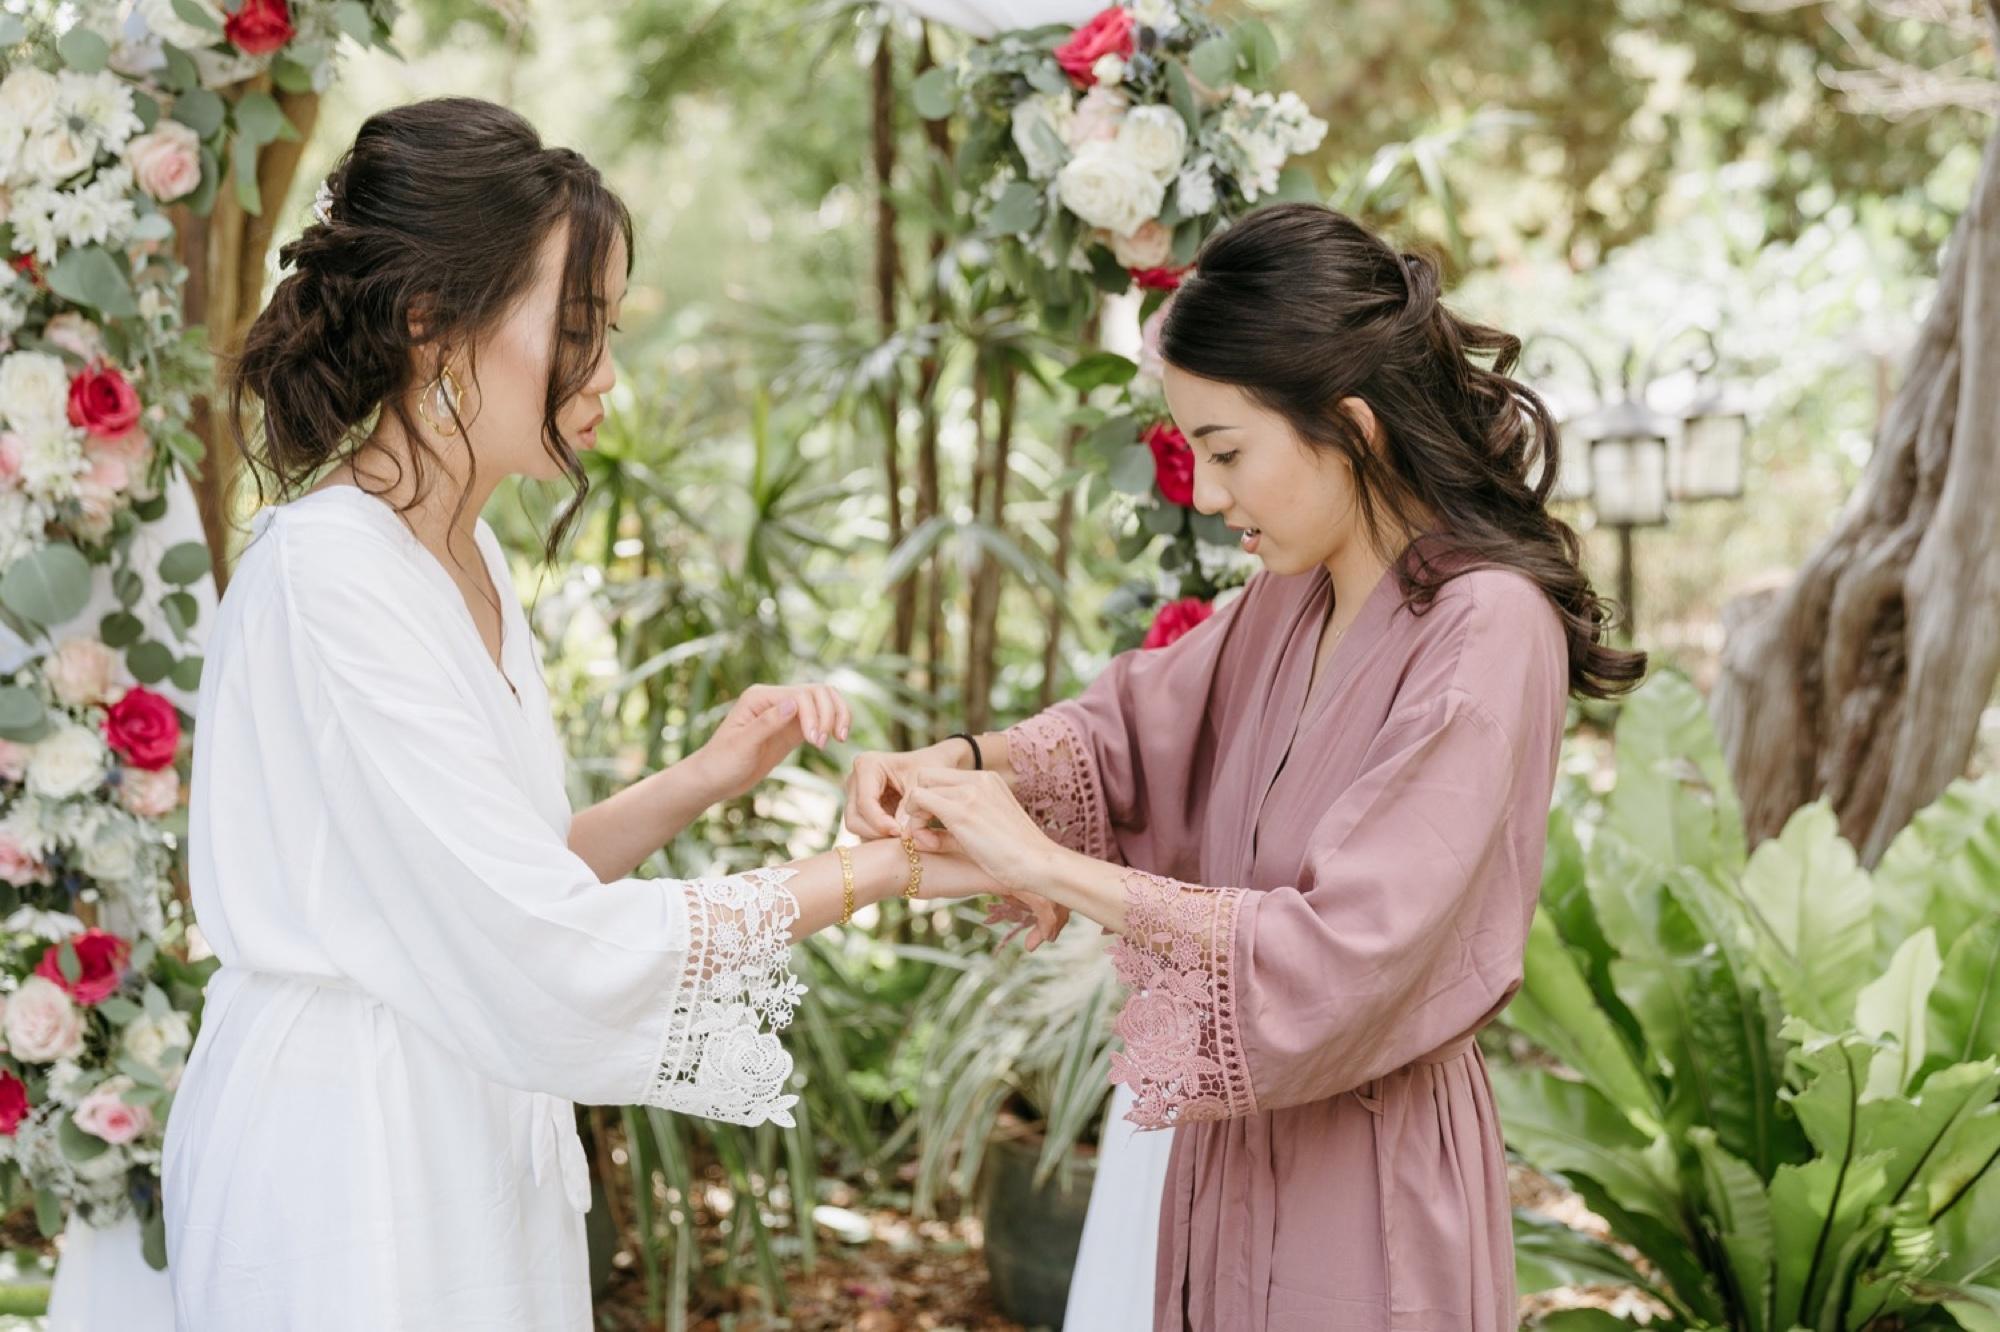 008_Shawna and Steve's Wedding-28_diego_botanical_garden_getting_ready_san.jpg